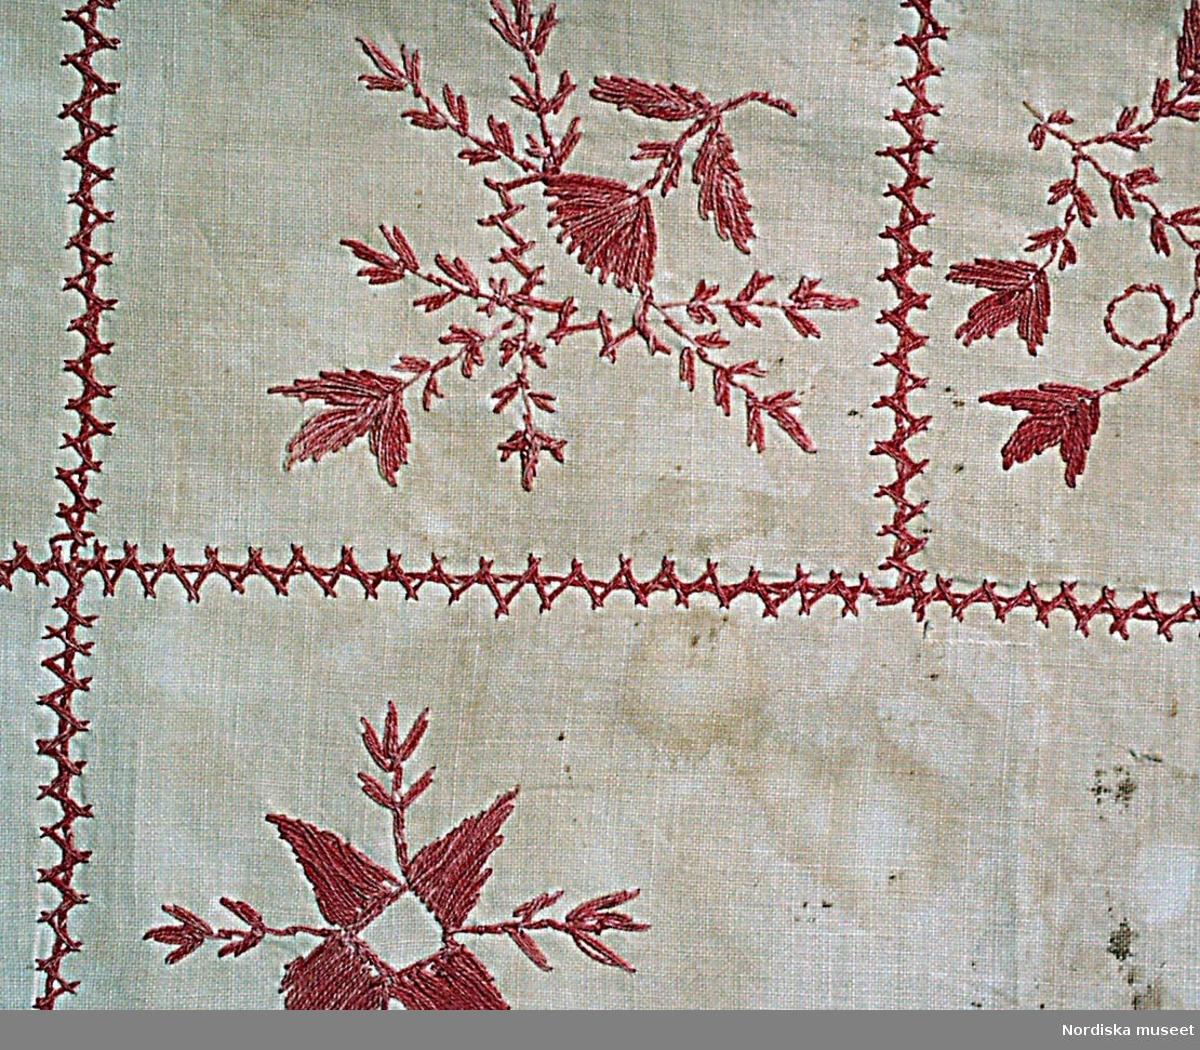 Torparhustrun och 11-barnsmodern Brita-Kajsa Karlsdotter (1816-1915) från Anundsjö, skapade sin personliga sömnadsteknik när hon på ålderns höst, vid närmare 70 års ålder, började brodera på dukar, paradhanddukar och huvudkläden. Brita-Kajsa hämtade inspiration till sitt mönsterskapande från naturens grässtån, granbarr och ängsblommor. Hon ritade upp blomsterslingor och blad med nageln eller nålen på tyget och sydde vartefter. Brita-Kajsa signerade nästan alla sina verk med sitt monogram, BKKD, sitt födelseår 1816, det året hon sytt duken - ex. 1909 samt bokstavskombinationen ÄRTHG - äran tillhör Gud eller EMN - ett minne. Vid den första hemslöjdsutställningen 1910 visade Ångermanlands Hemslöjdsförening en duk av Brita Kajsa och sedan dess har hennes broderade alster och speciella sömnadssätt betraktas som upphovet till Anundsjösömmen, som kom att bli Ångermanlands landskapssöm och Ångermanlands hemslöjds största försäljningsprodukt under 1900-talet. /Textilarkivet i Västernorrland, presentation av utställning om Brita Kajsa